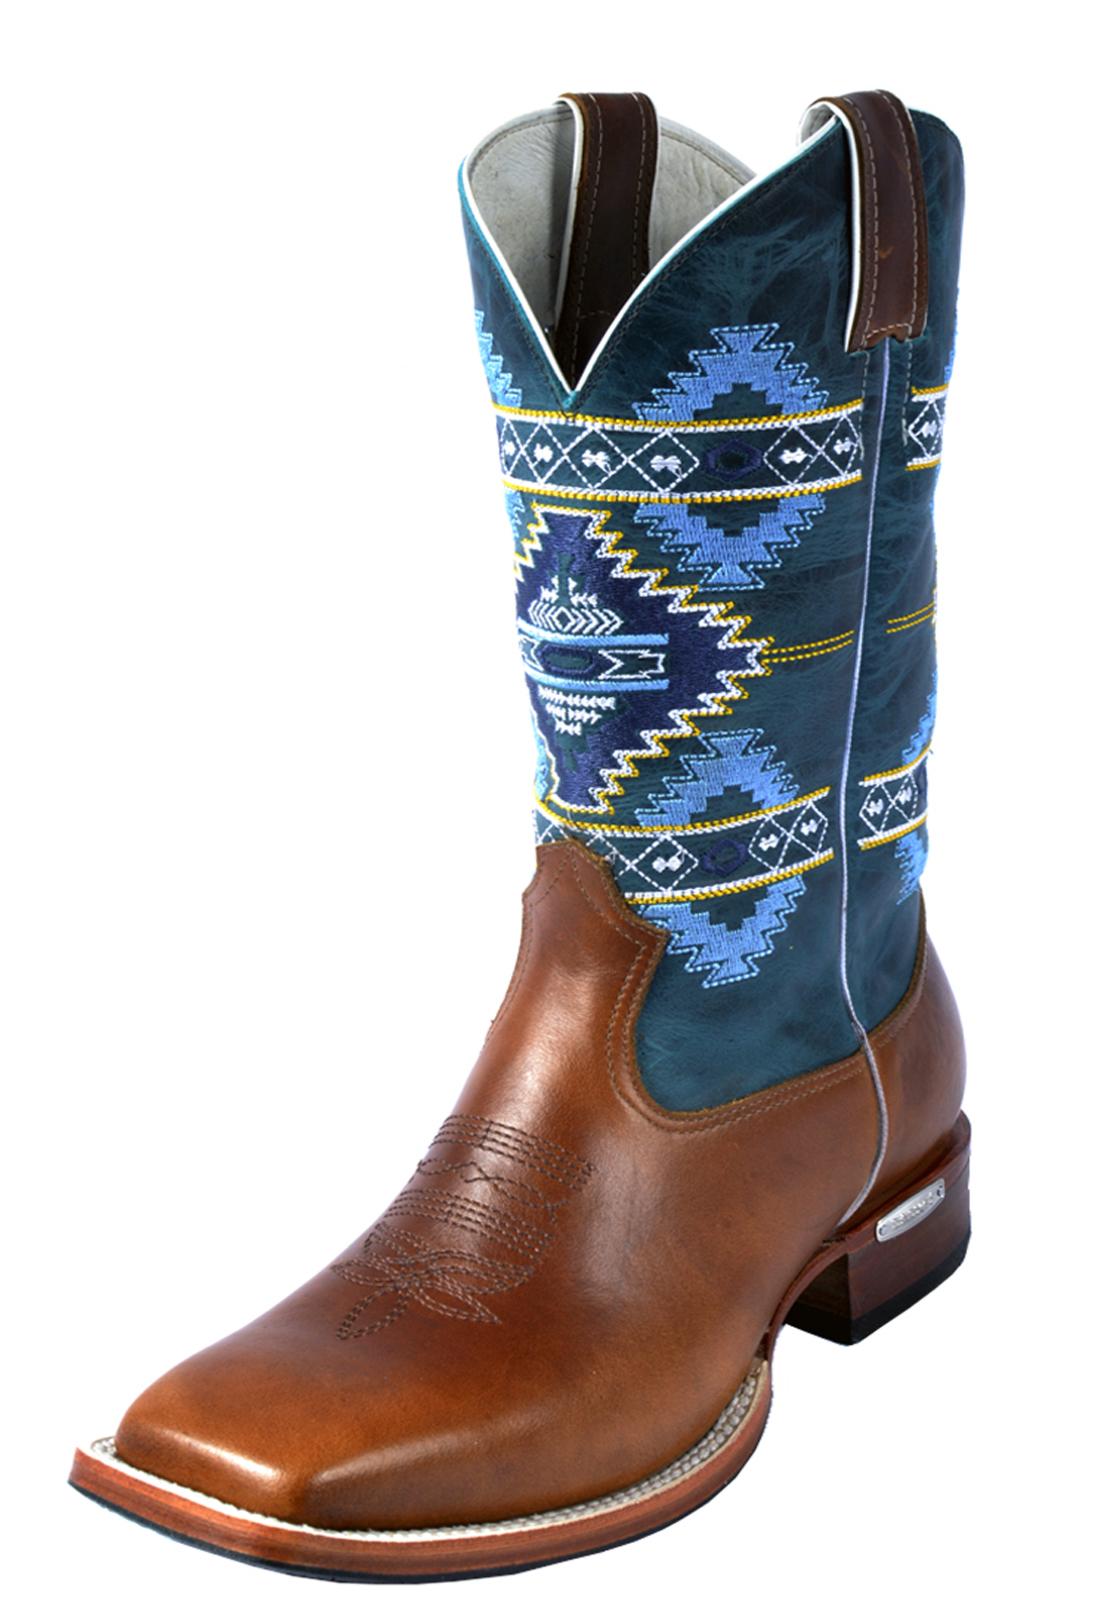 98b80a6df9 Bota Texana Botas Bico Quadrado Canela Estampada Marrom/Azul - Marca Texana